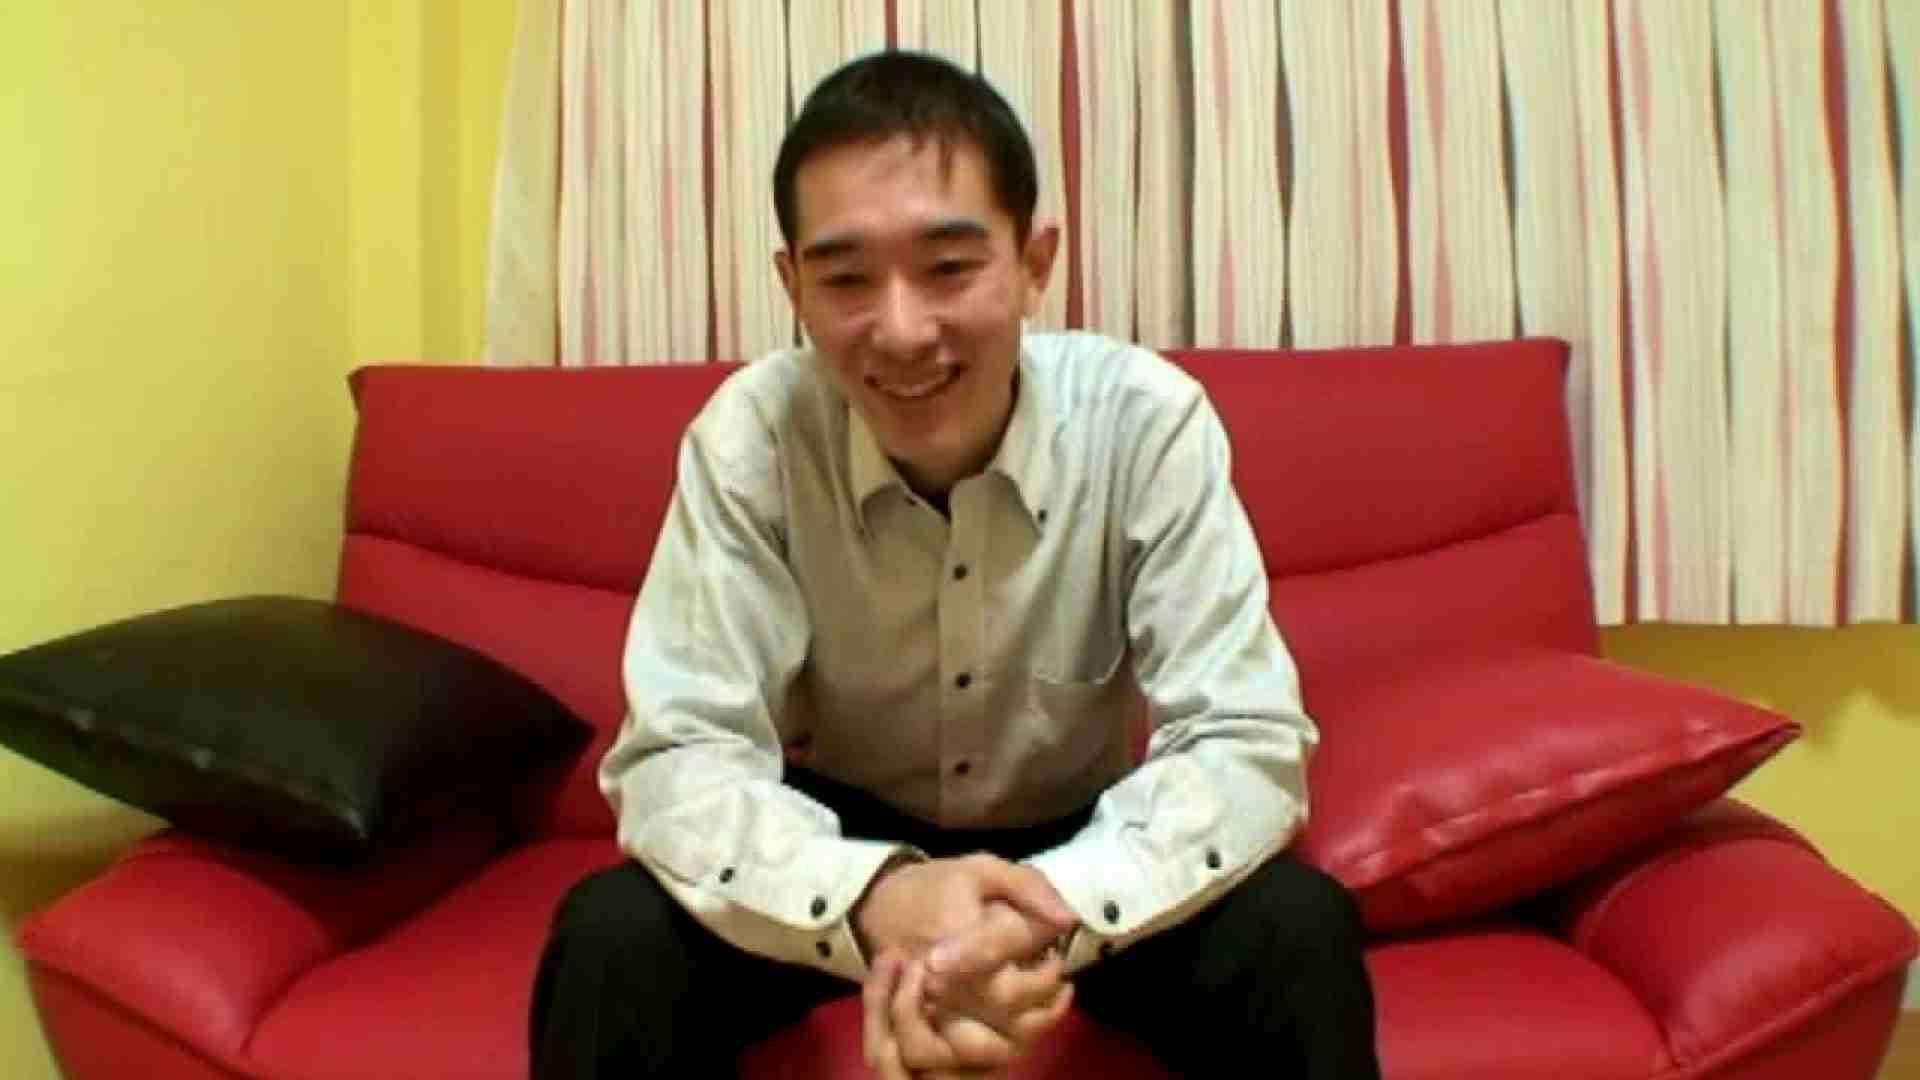 ノンケ!自慰スタジオ No.29 おじさん ゲイエロビデオ画像 97pic 31